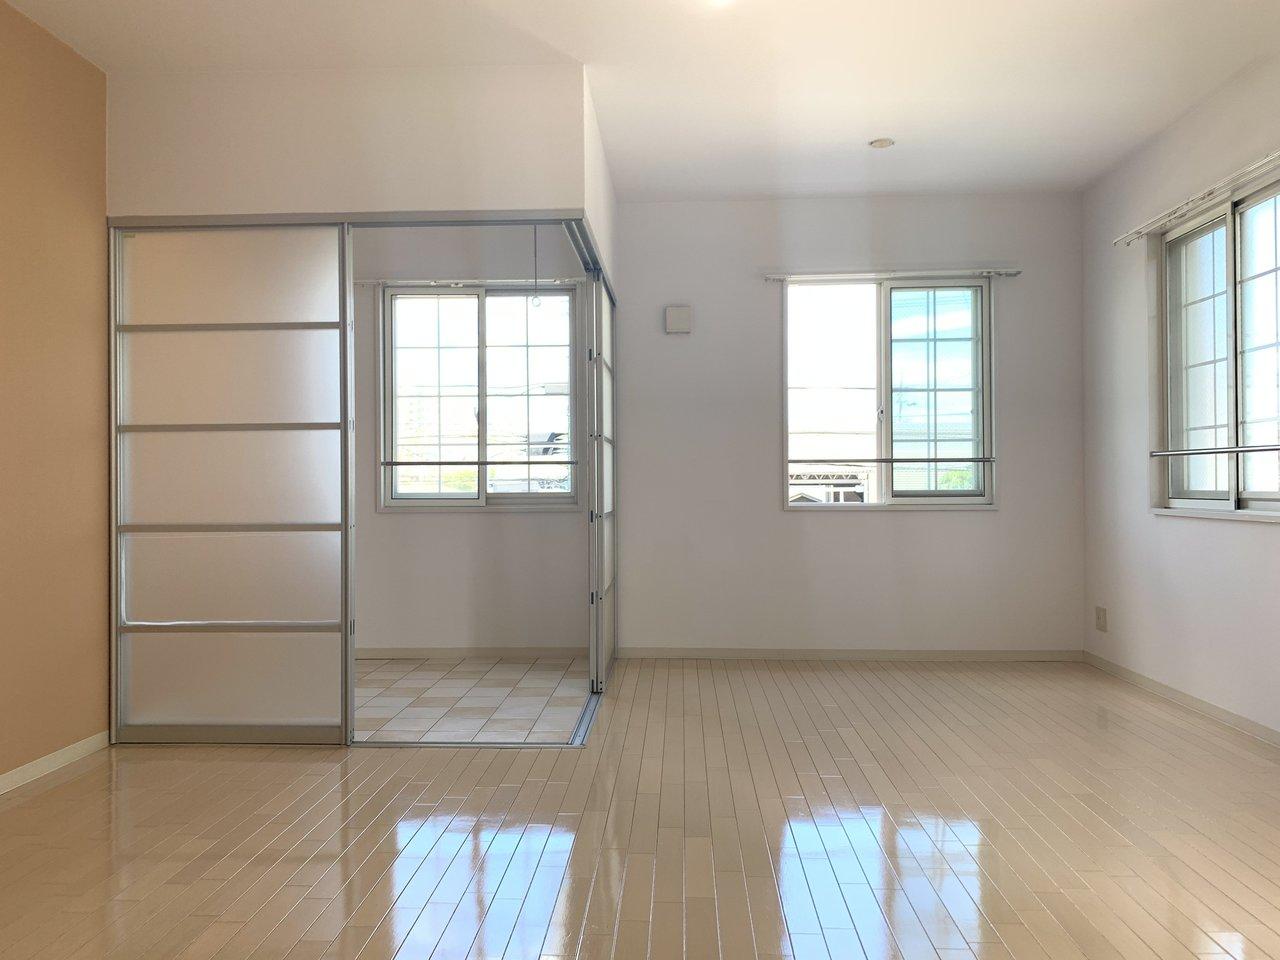 12畳ある洋室の角には、サンルームスペースも。雨の日でも洗濯物を干せるし、リビングの延長使いでテーブルを置いてリラックスできるスペースを作っても面白いですね。いずれにしても「外」を感じられる、気持ちの良い空間を作りましょう。